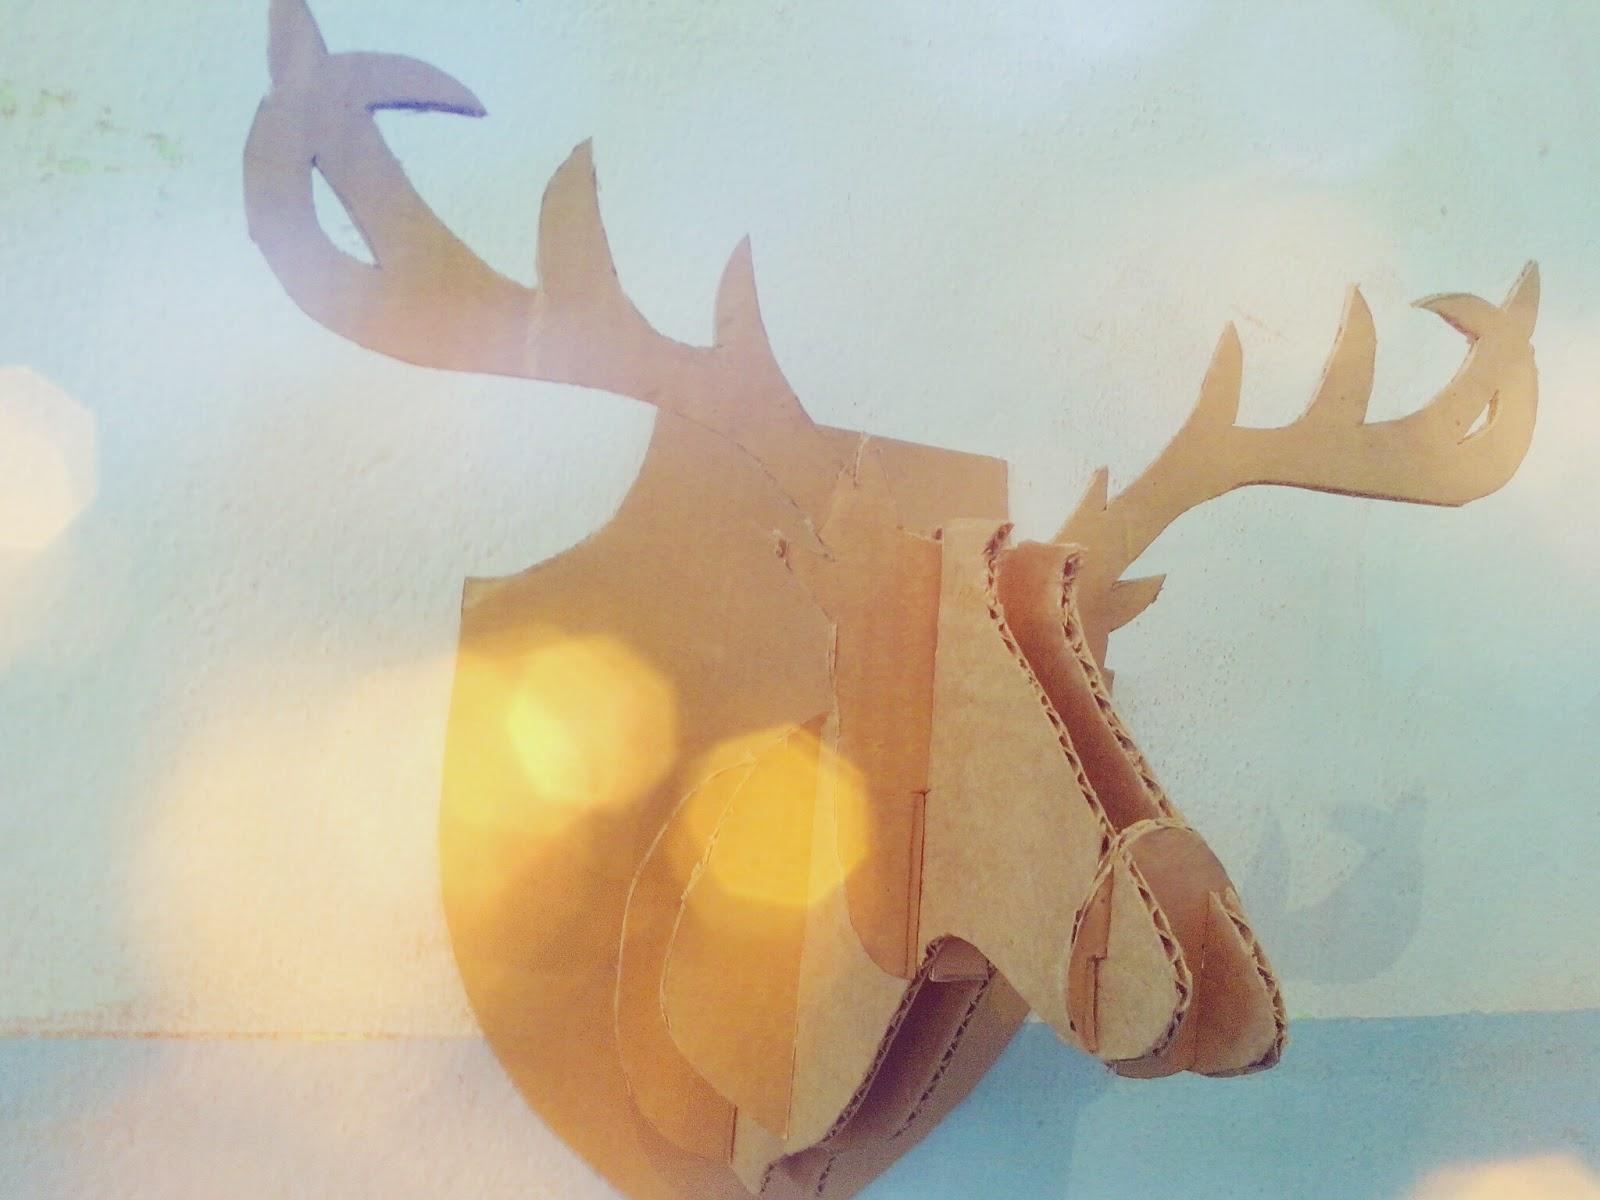 Blogarte hazlo t mismo decora tu habitaci n diy cabeza de ciervo blogarte - Cabeza ciervo carton ...